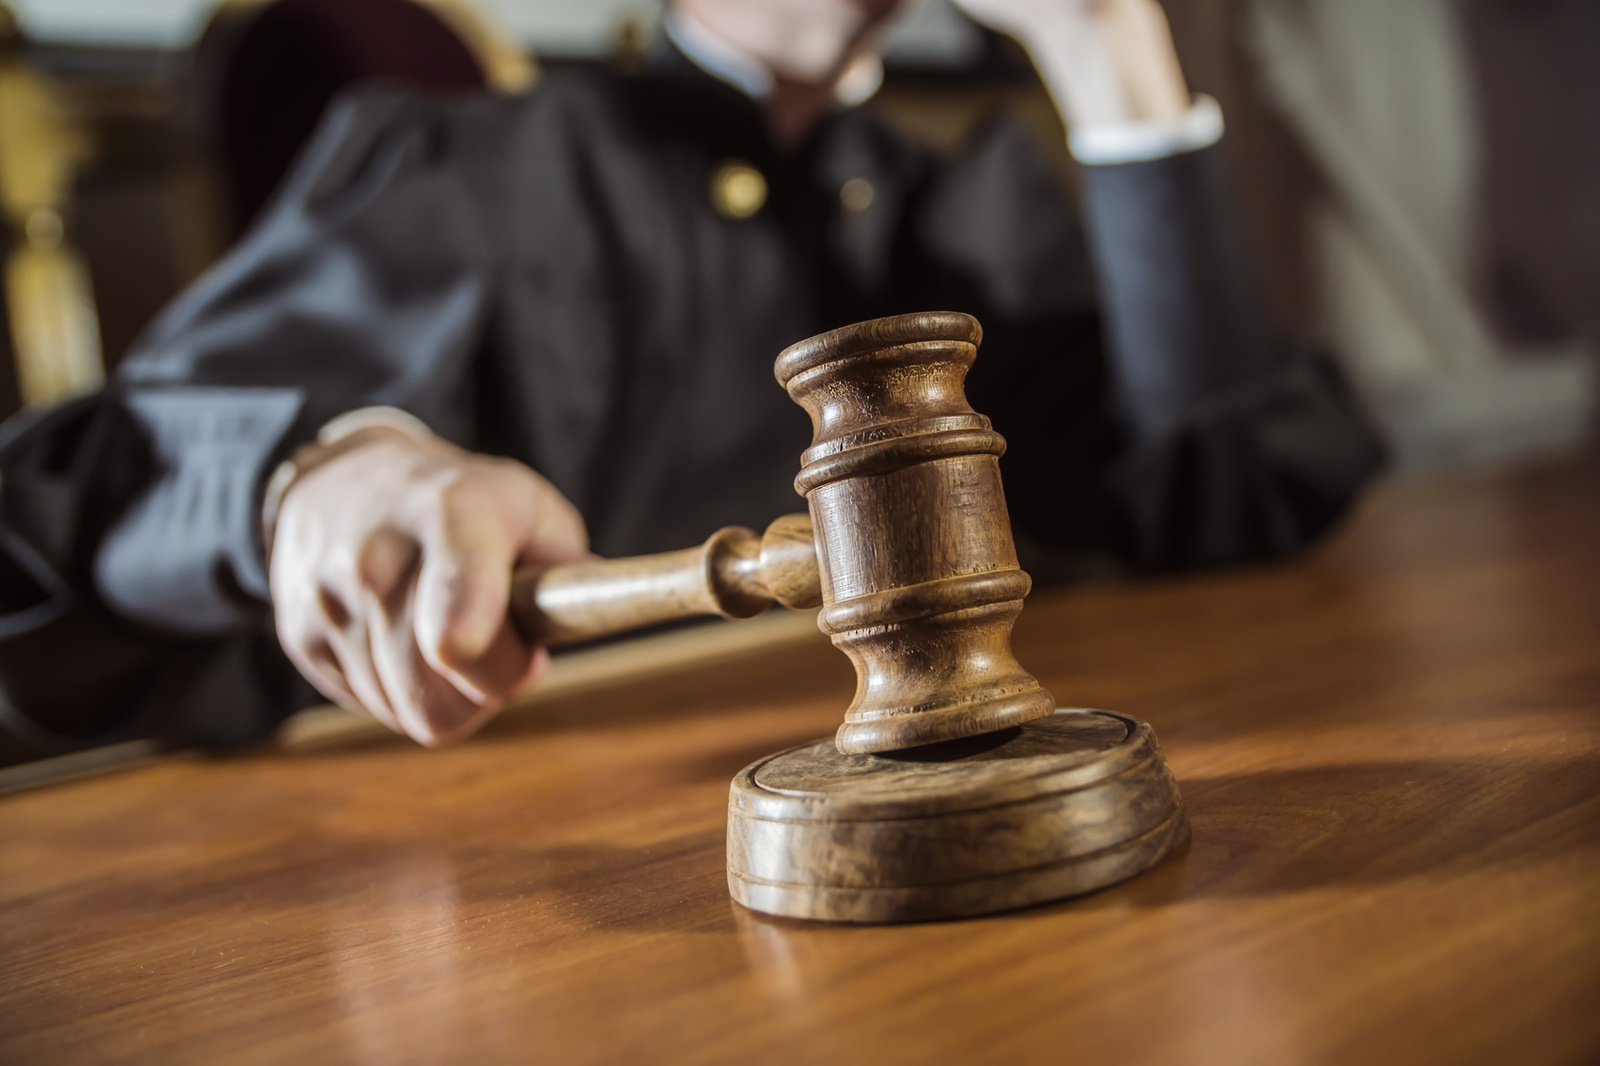 Районний суд Волині поновив на роботі незаконно звільненого працівника